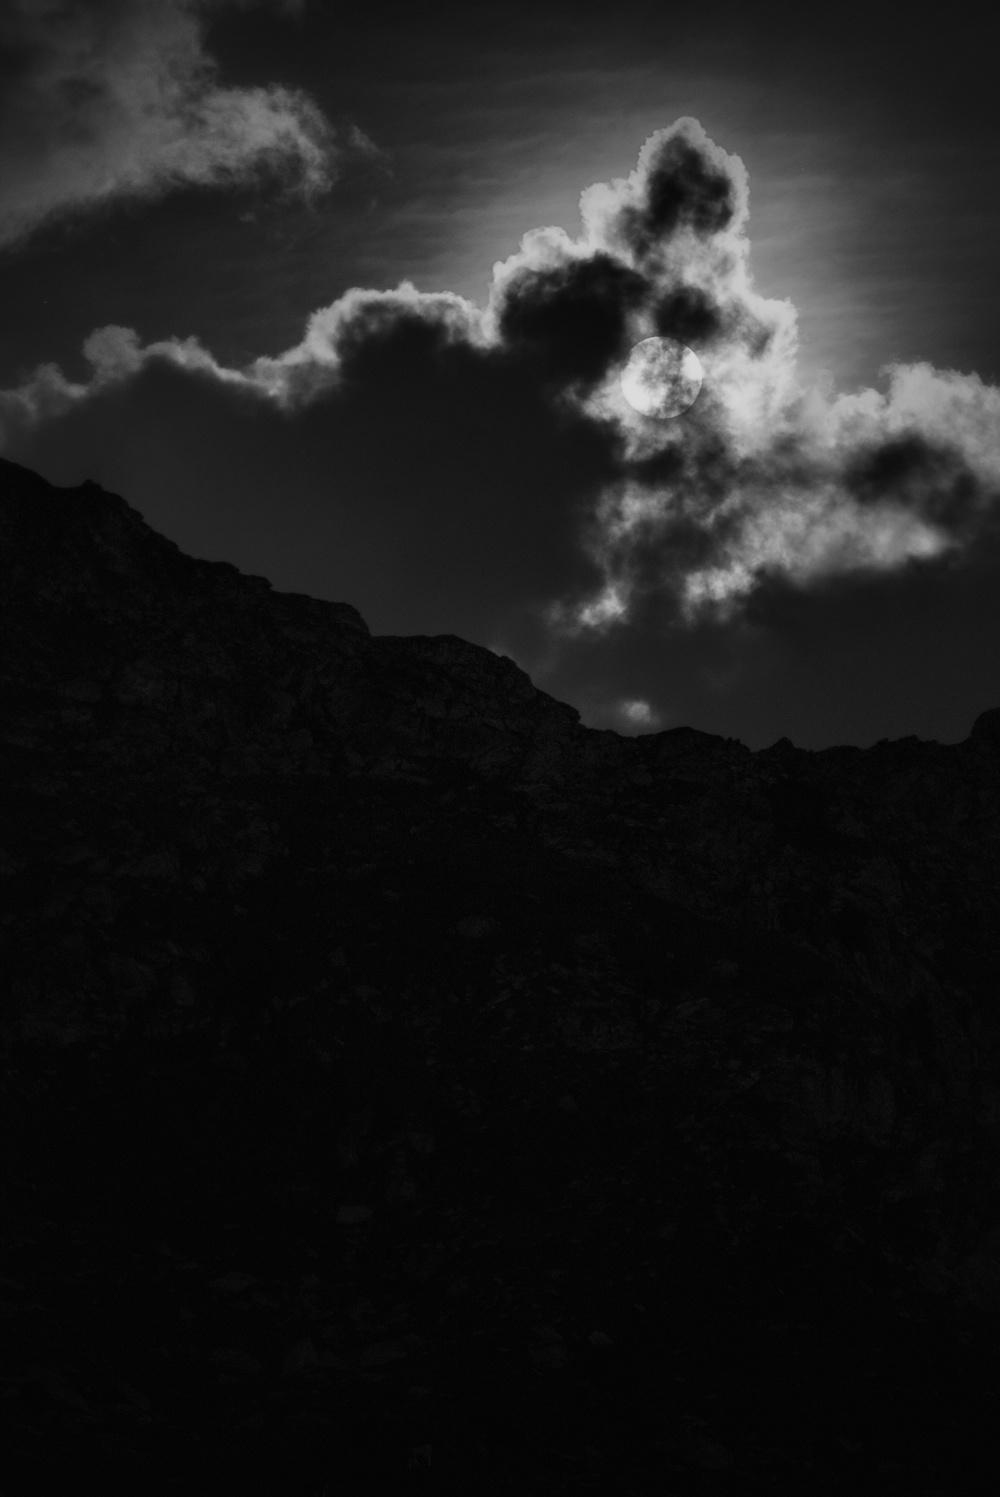 DSC00225_Snapseed.jpg